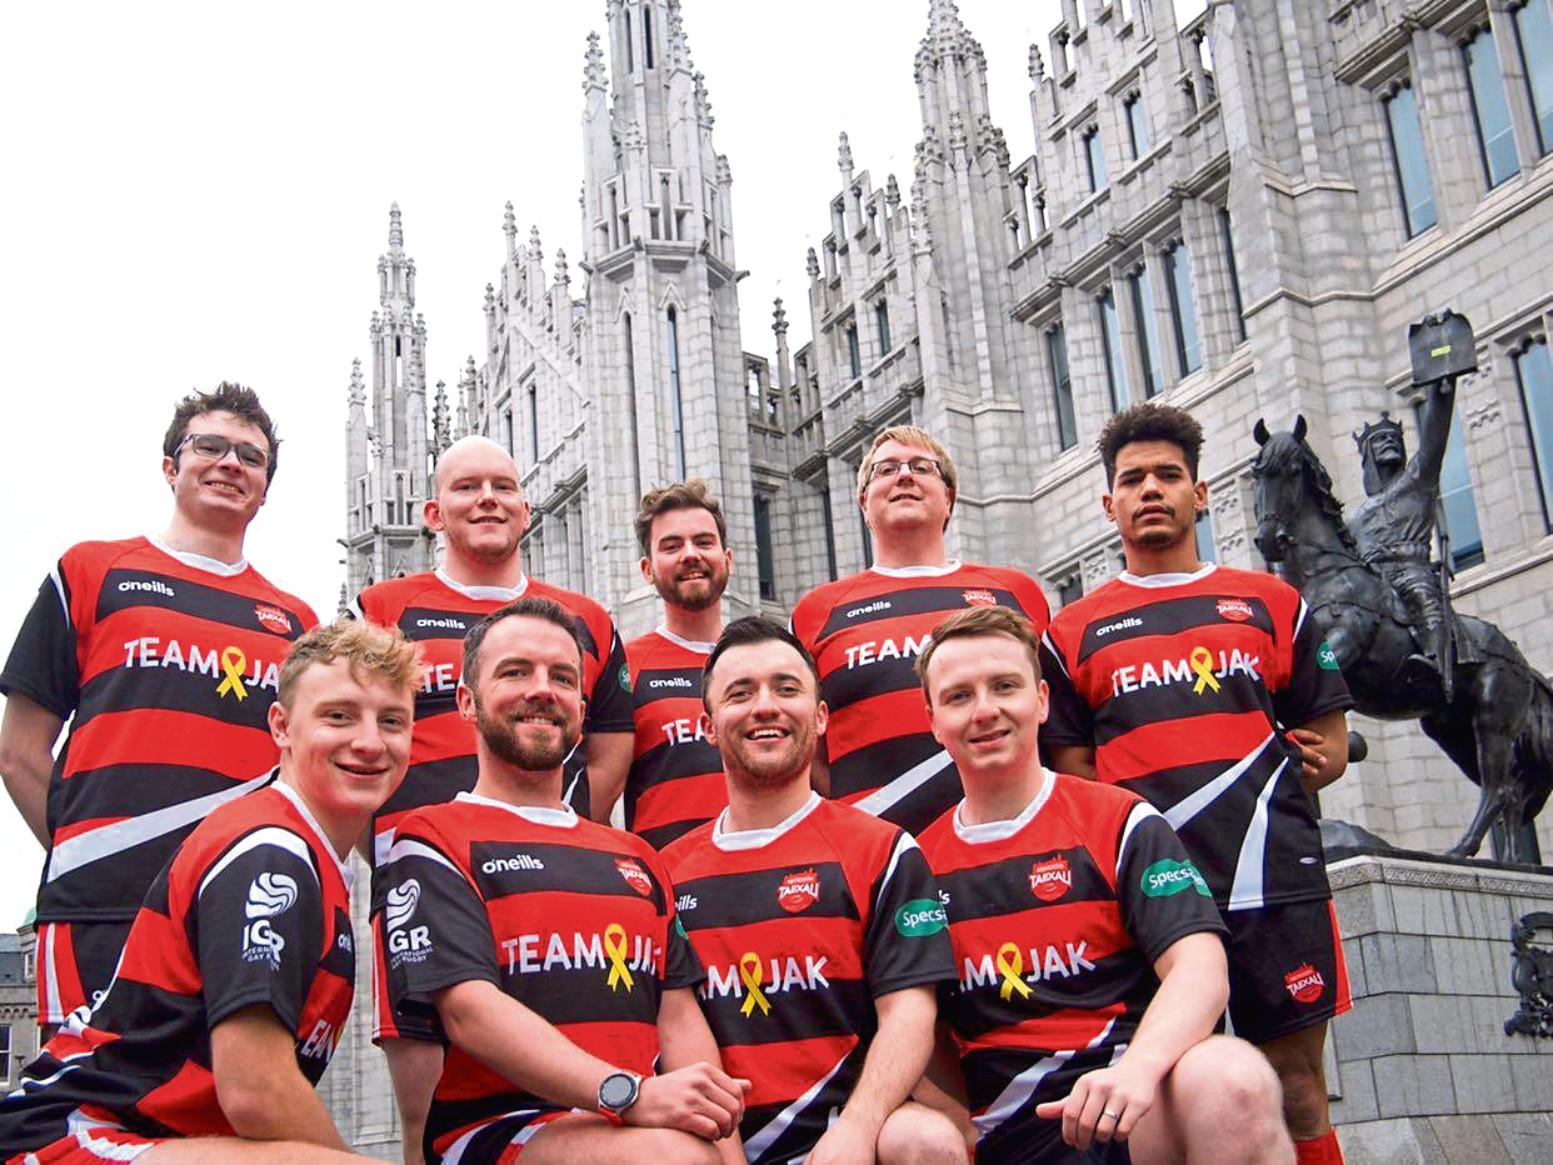 The Aberdeen Taexali Rugby Club.